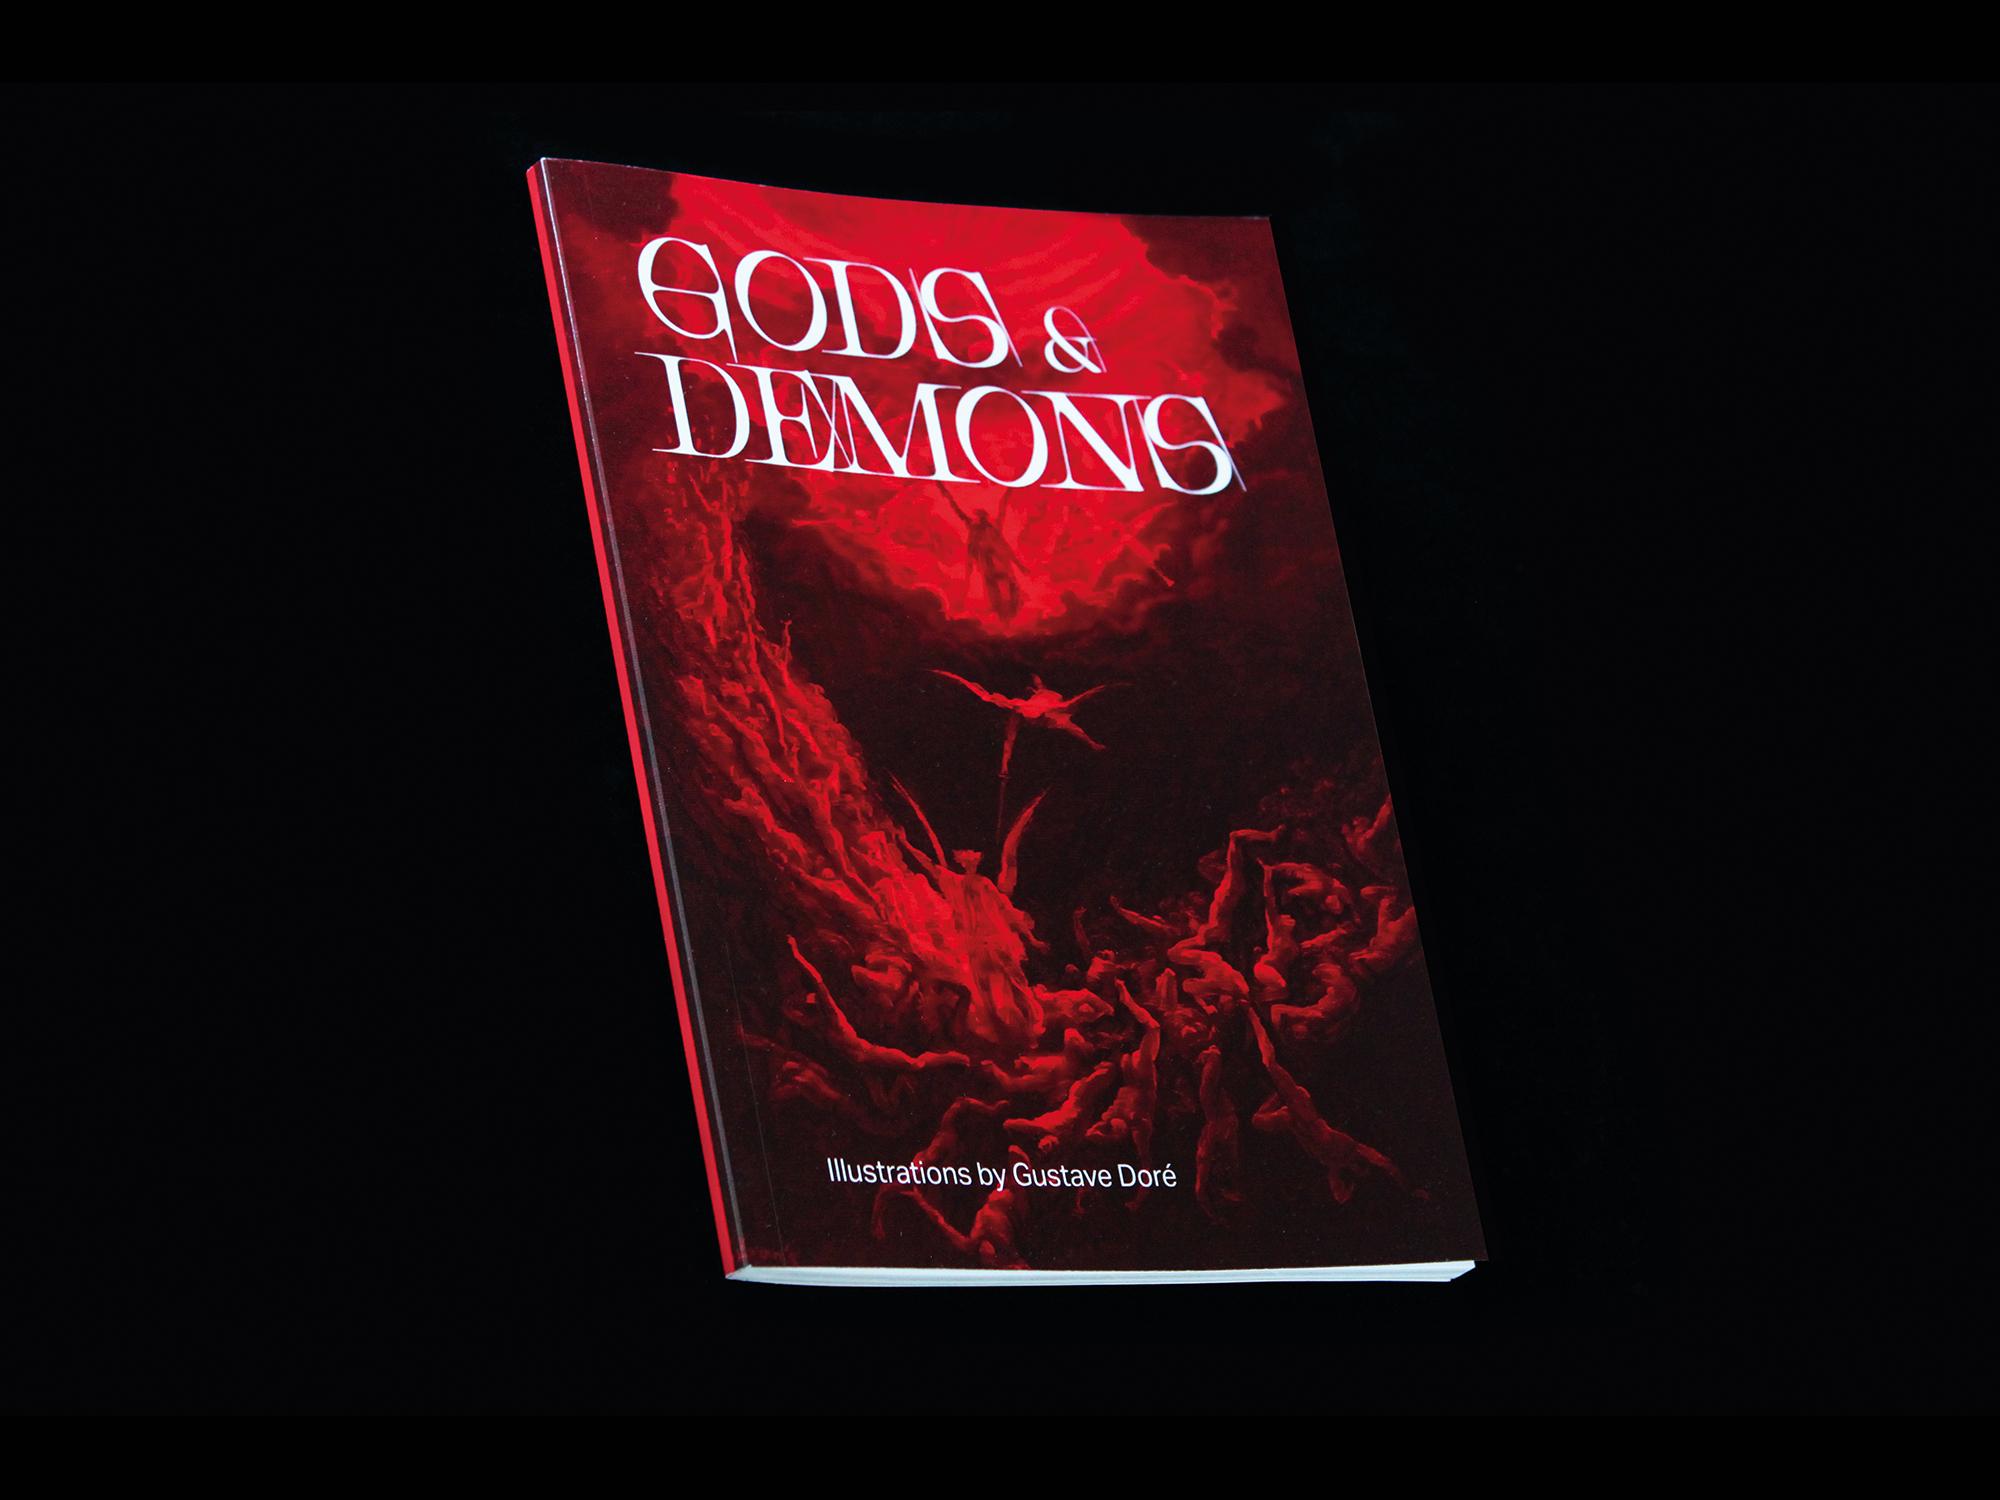 Gods & Demons